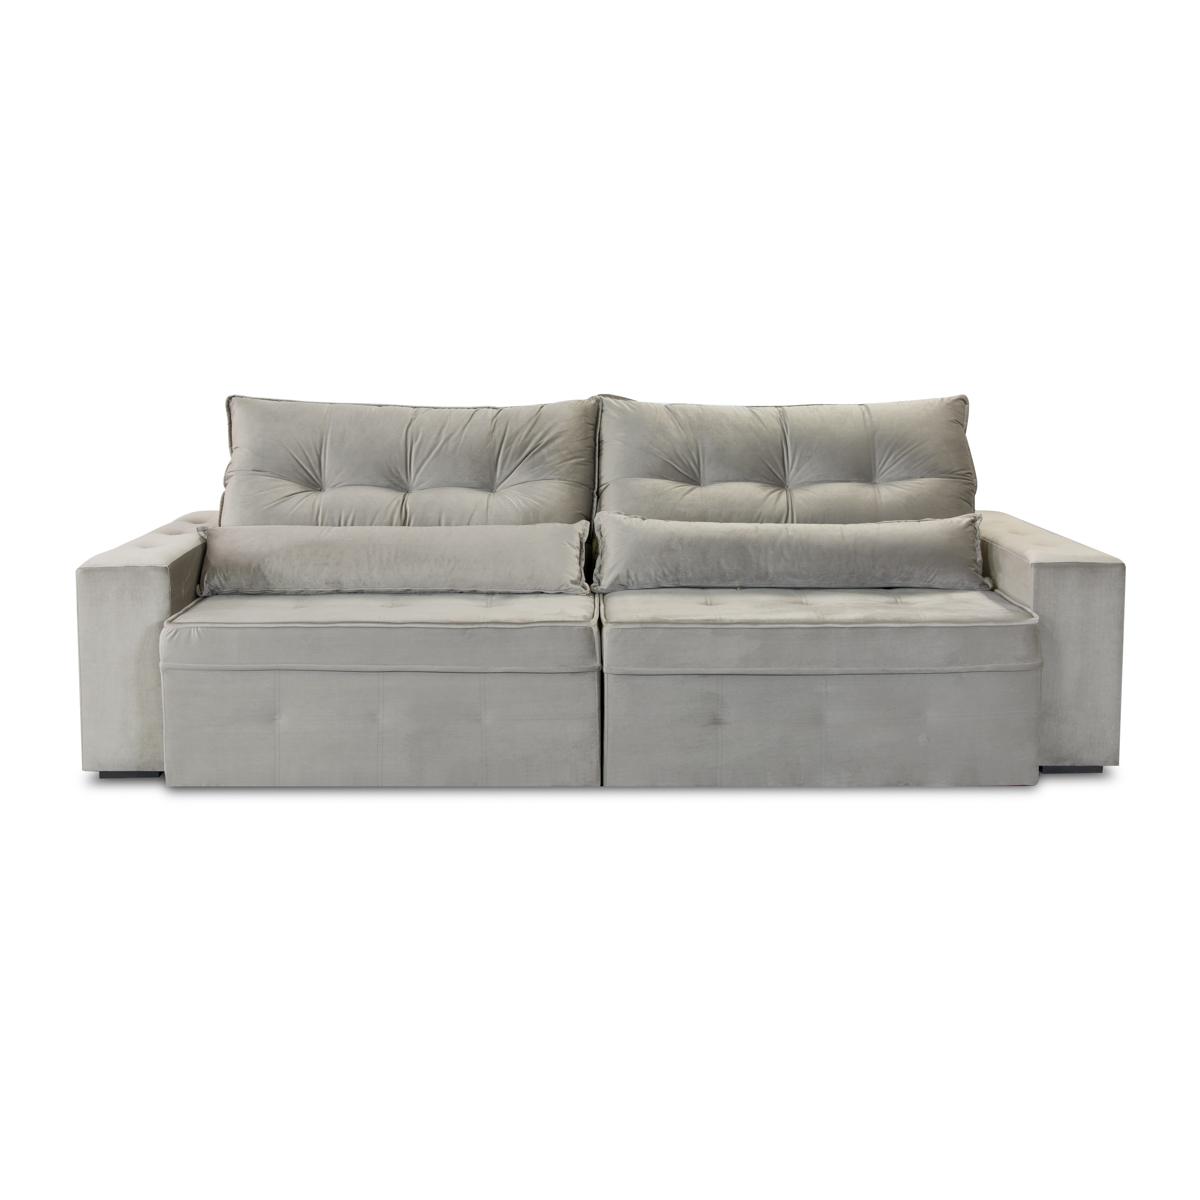 Sofá Retrátil e Reclinável 250cm Niaga Cinza  - Formato Móveis e Decorações